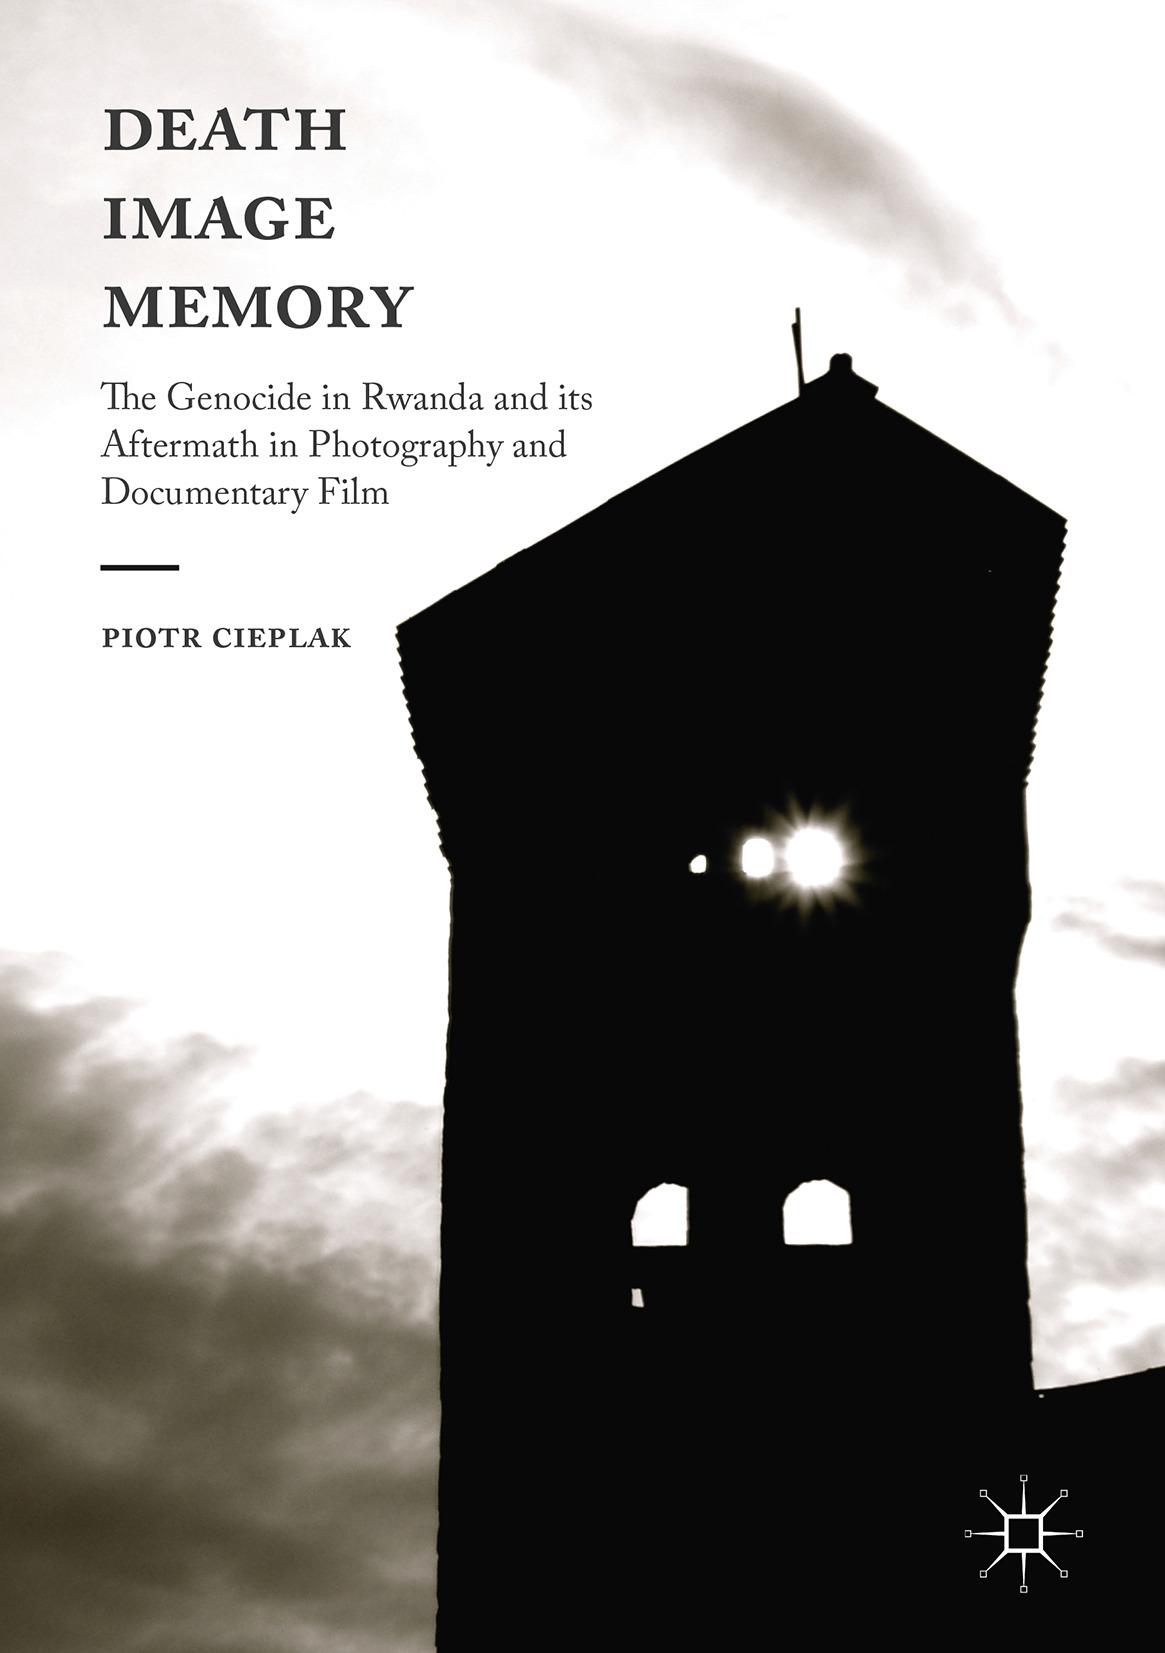 Cieplak, Piotr - Death, Image, Memory, ebook